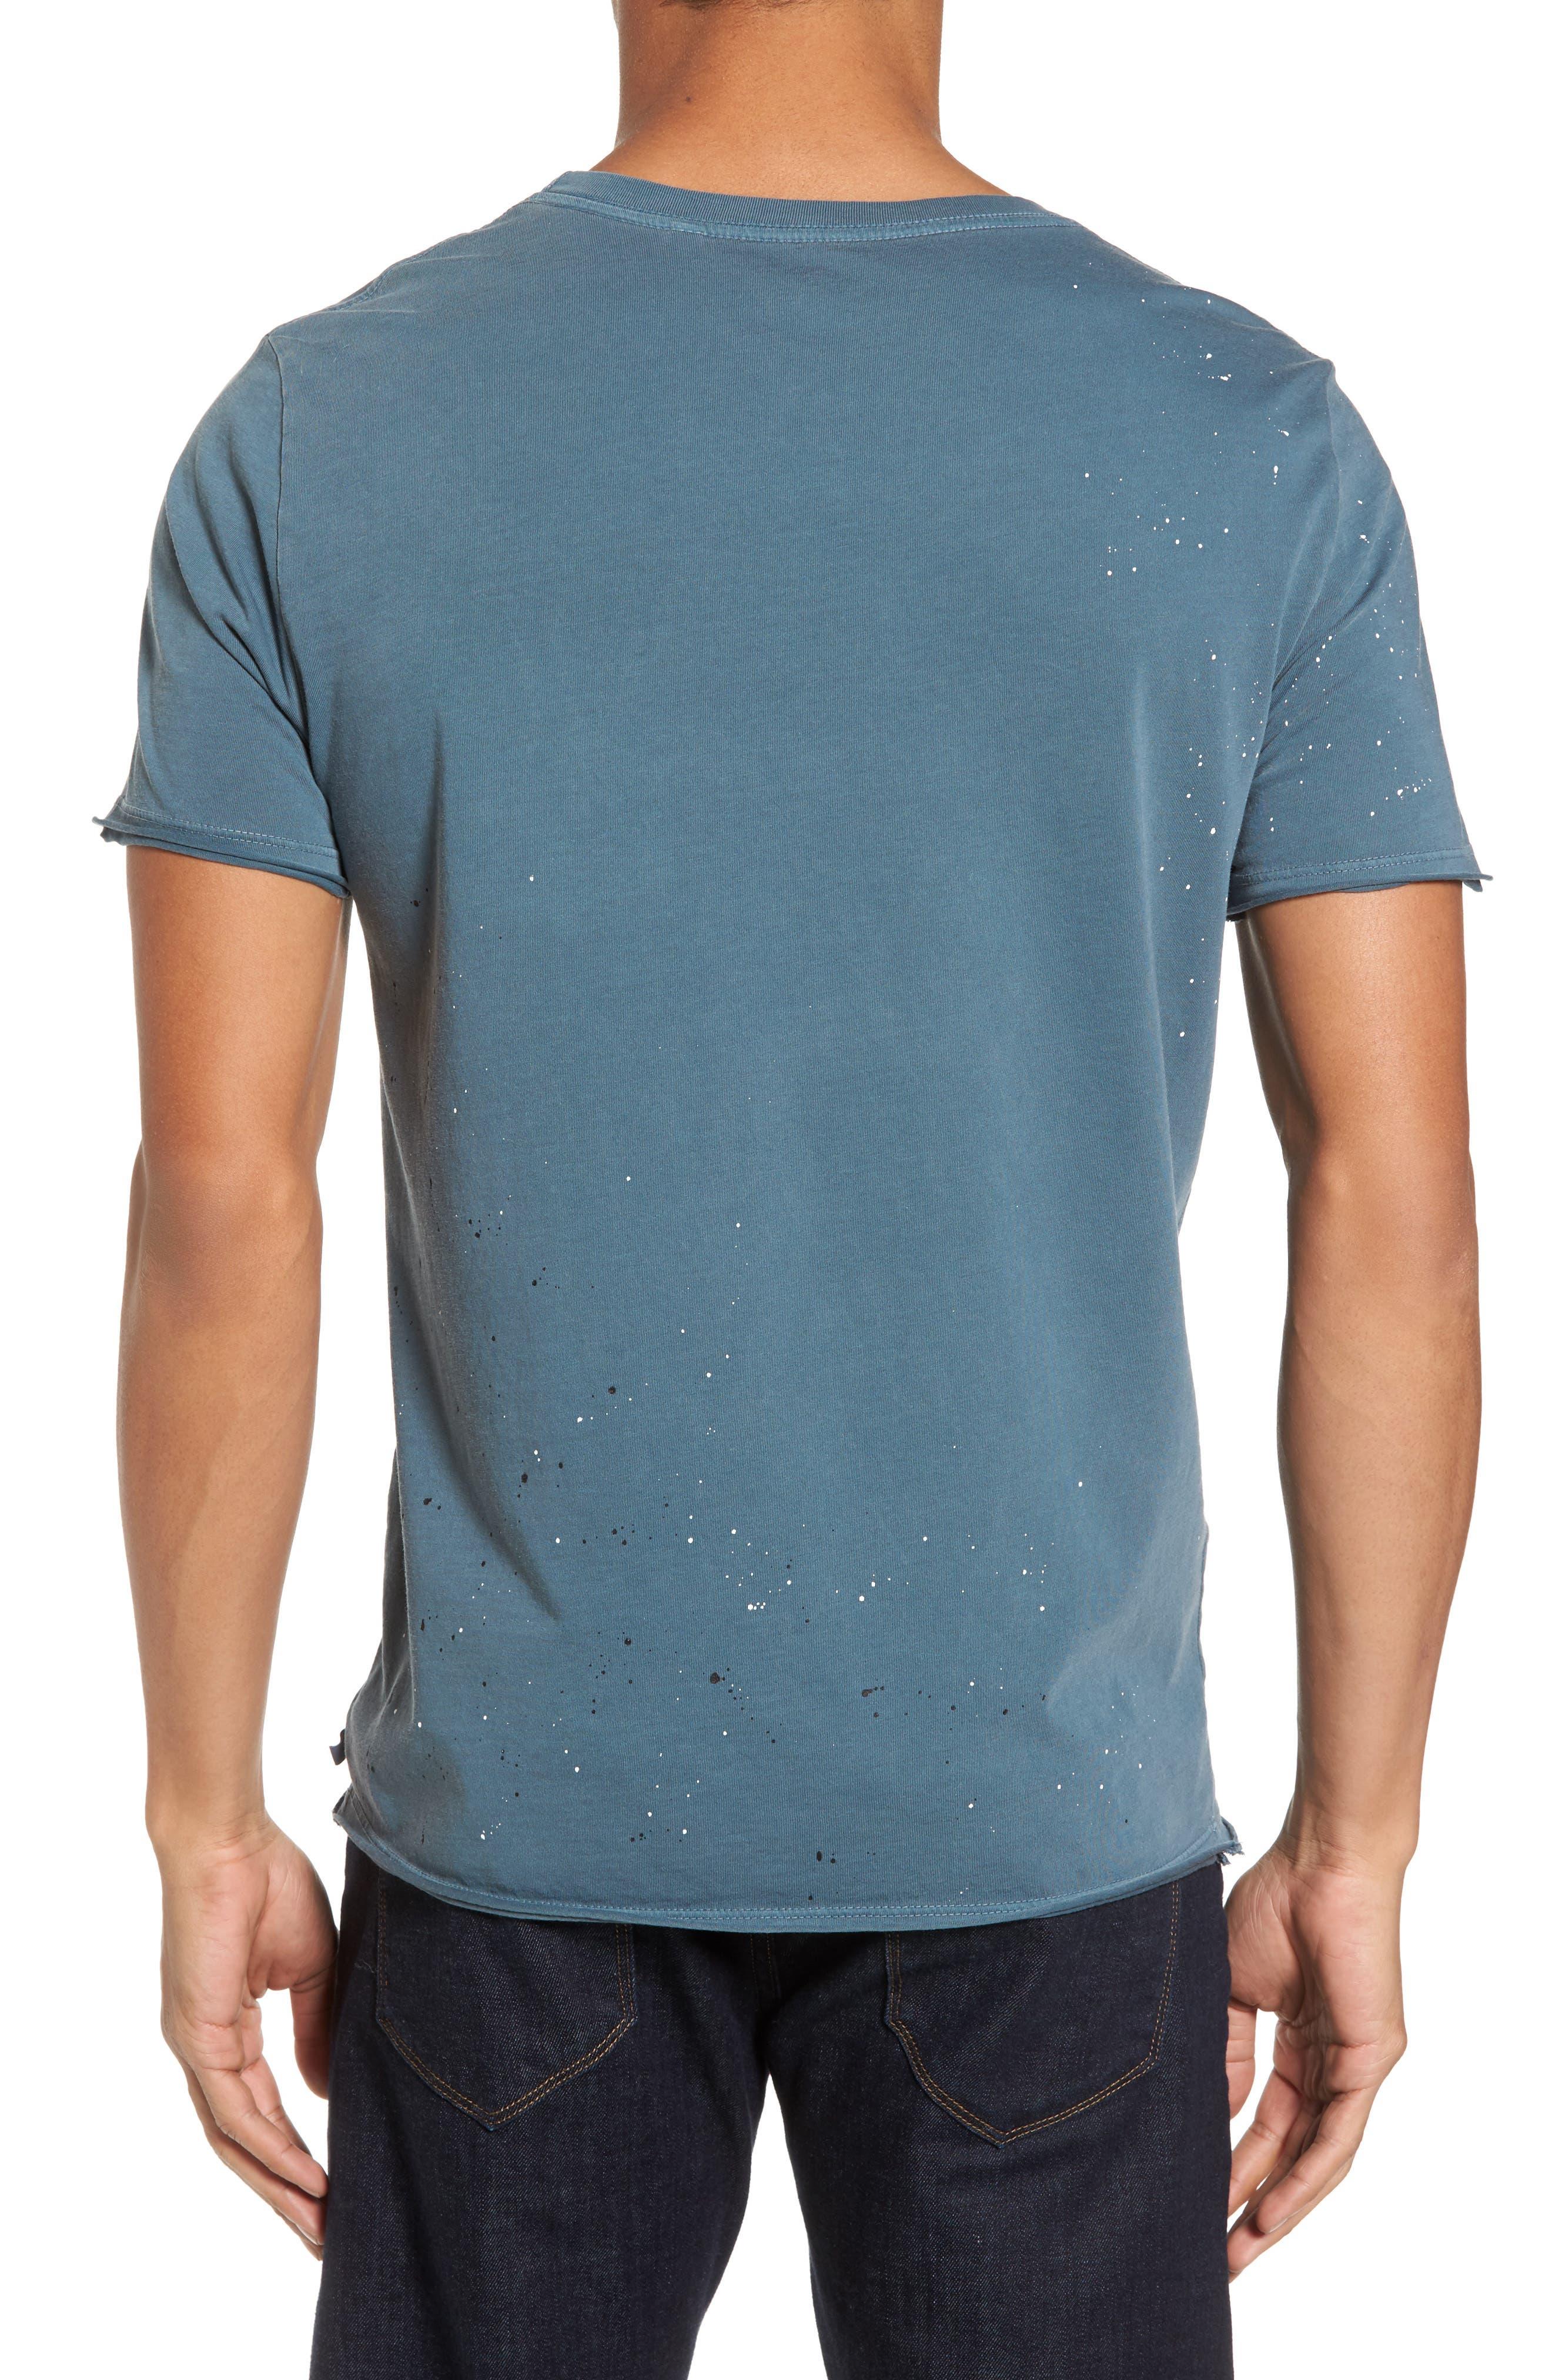 Alternate Image 2  - AG Anders Slim Fit Pocket T-Shirt